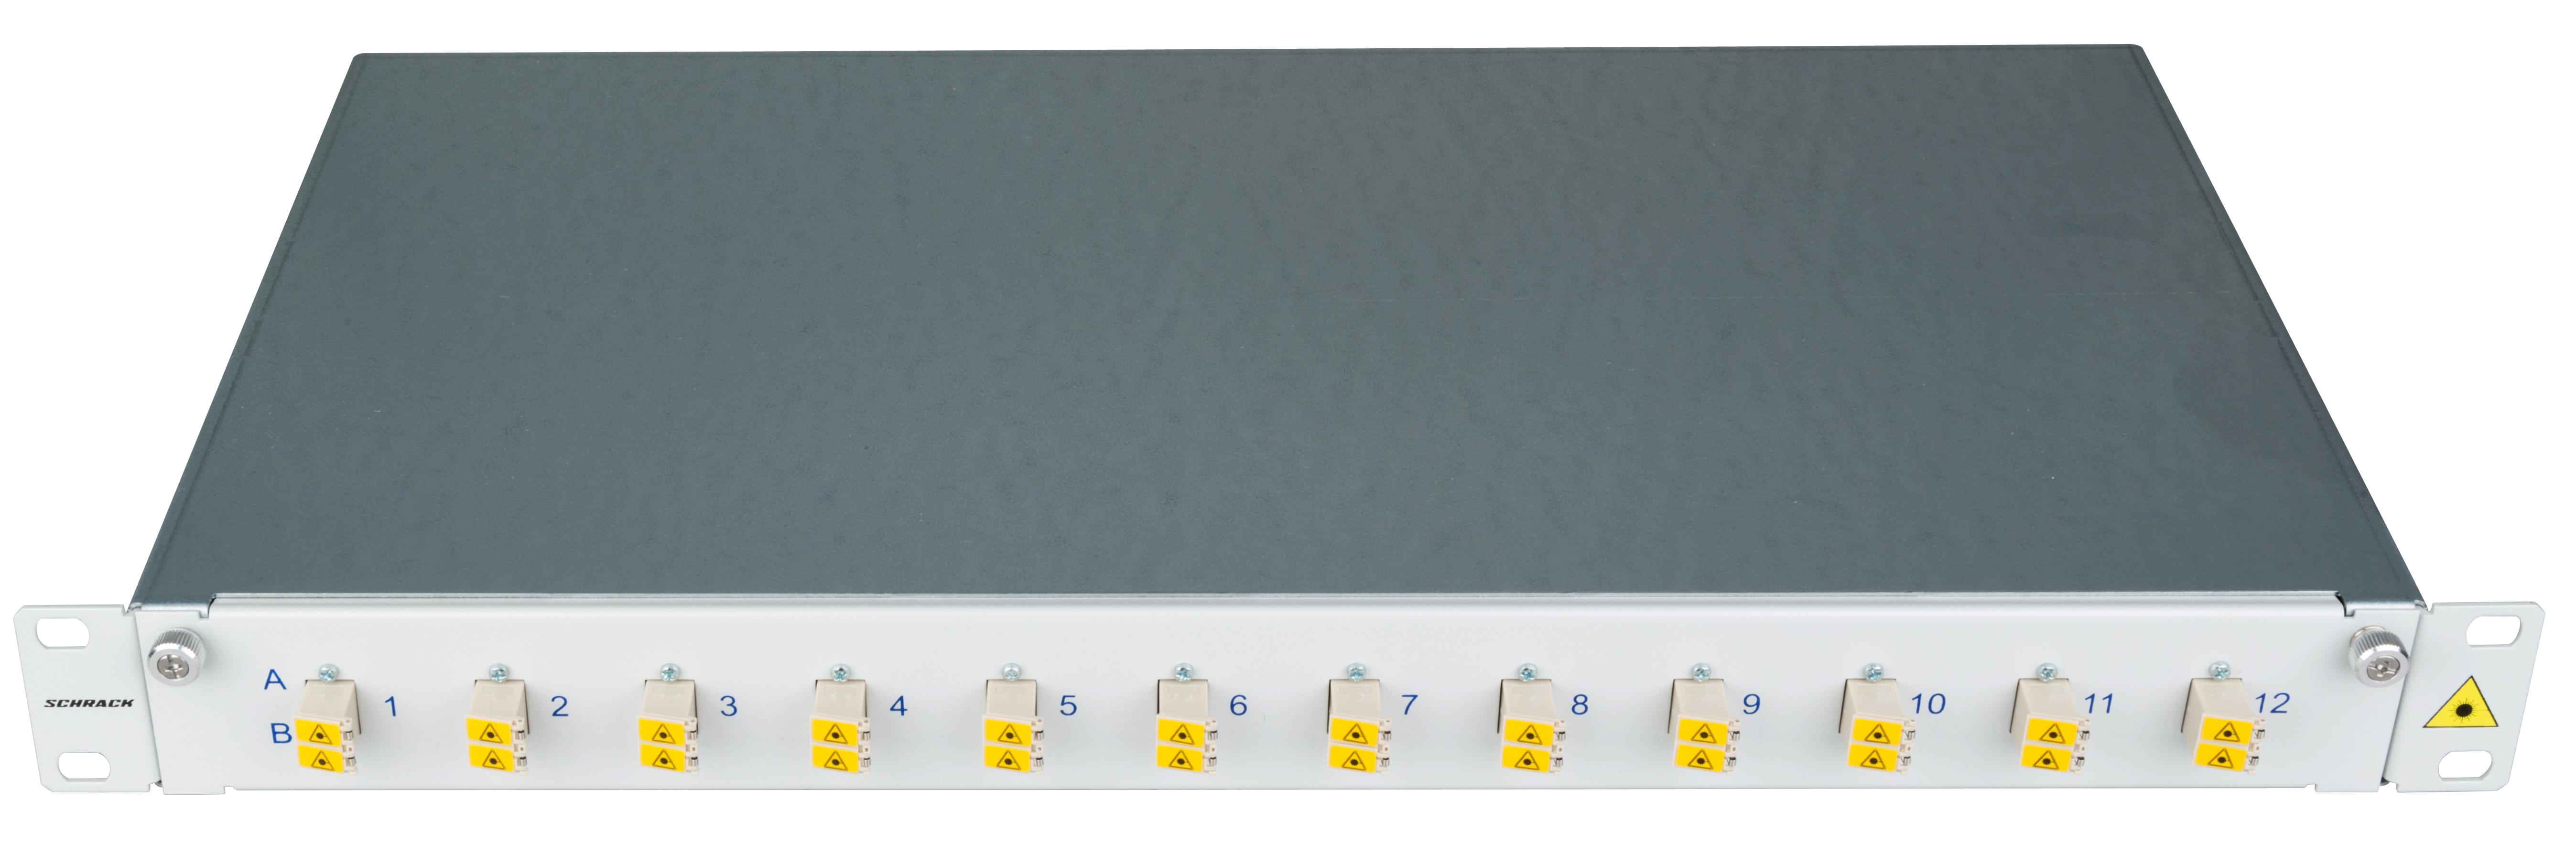 1 Stk LWL Patchpanel 19, 1 HE, ausziehbar, für 24 Fasern, LC, MM HSELS24MLG